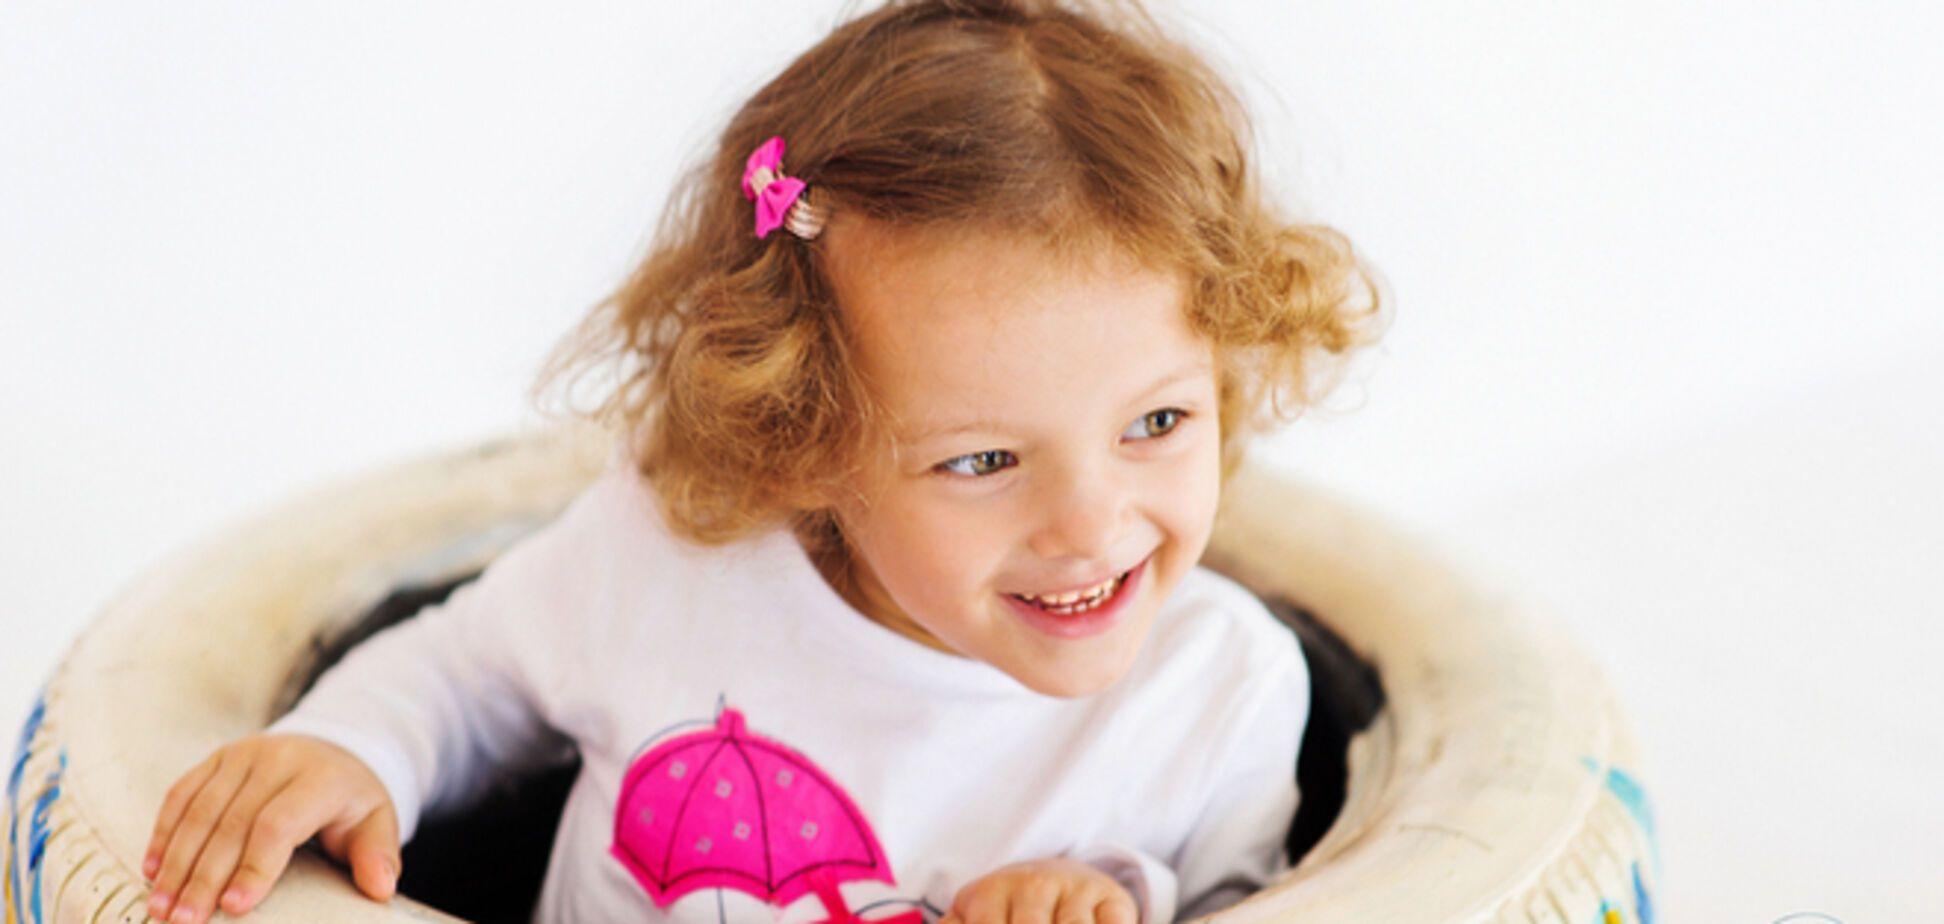 5-летняя девочка с аутизмом дружит с вымышленными животными и боится ходить без носков